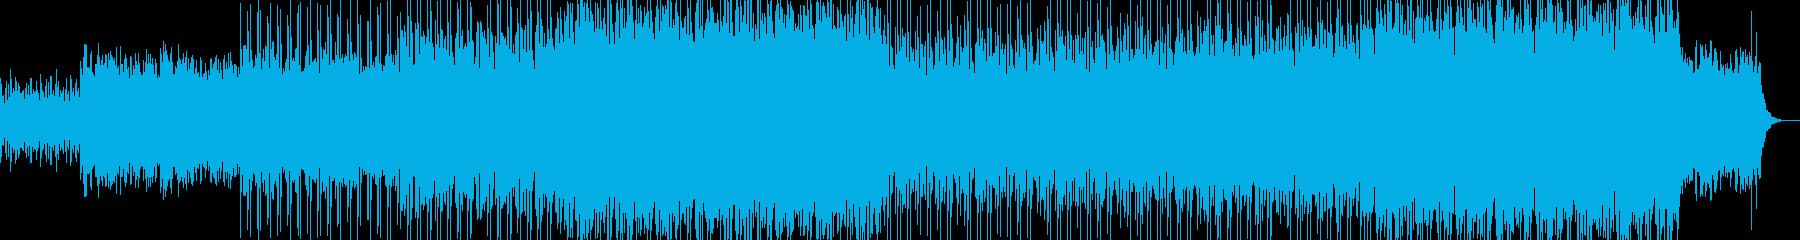 オープニングシーンなどに最適なBGMの再生済みの波形